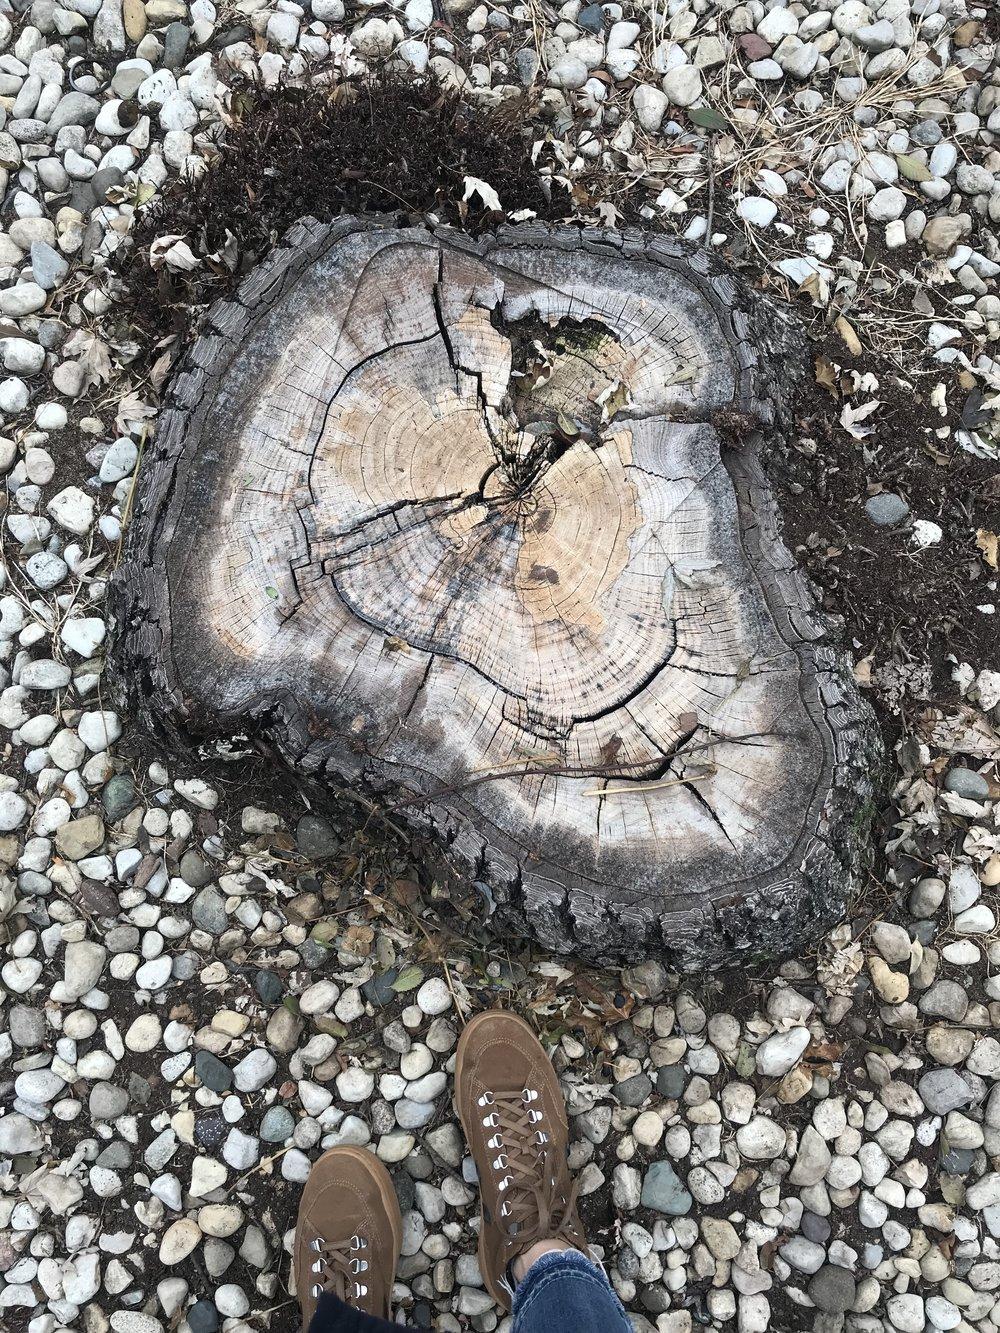 kate lewis art.tree stump photo.jpg